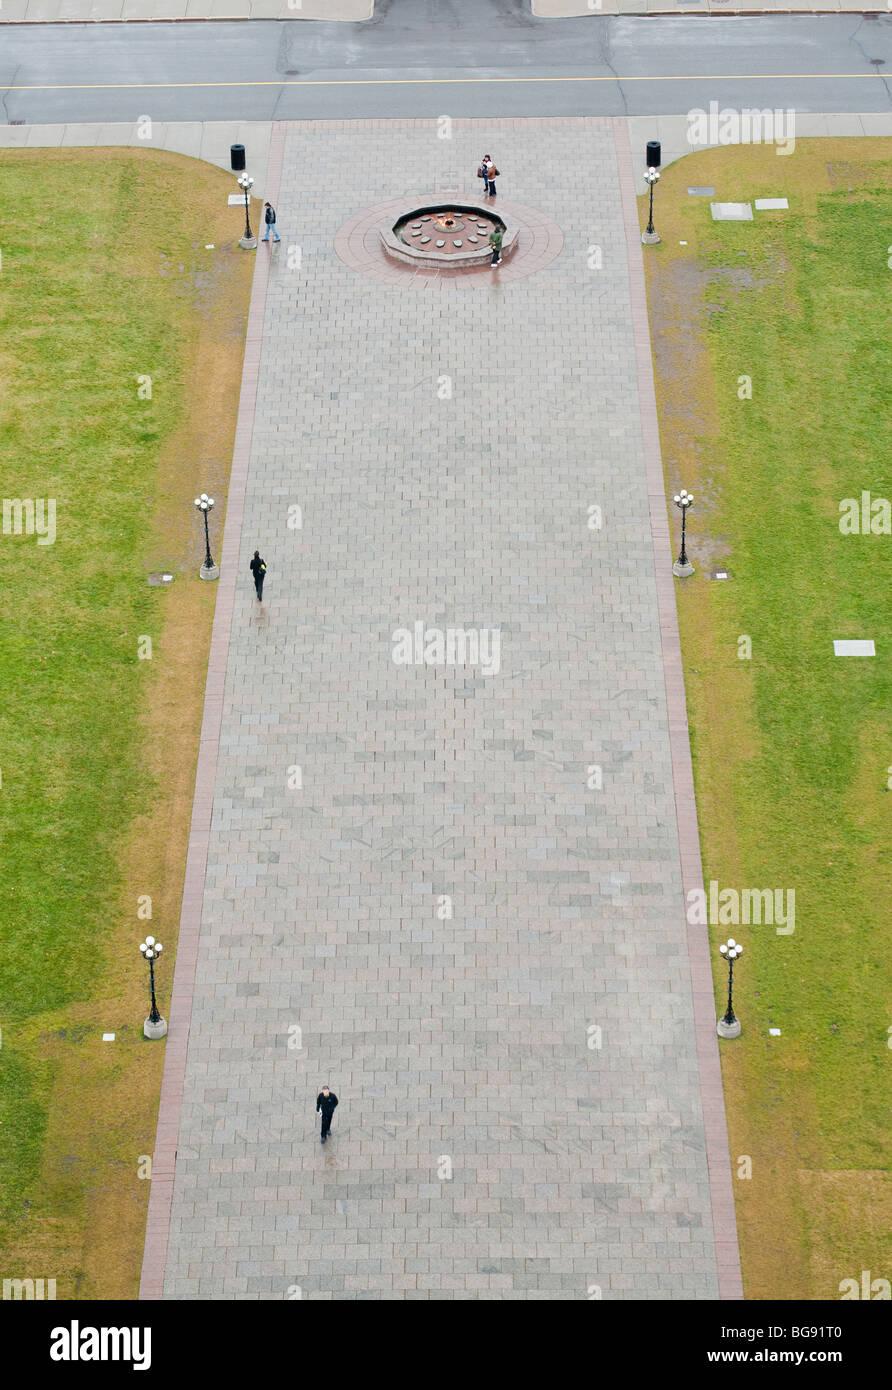 Approccio al Parlamento. La fiamma eterna da la torre della pace in un giorno di pioggia. 6 turisti camminare circa. Immagini Stock